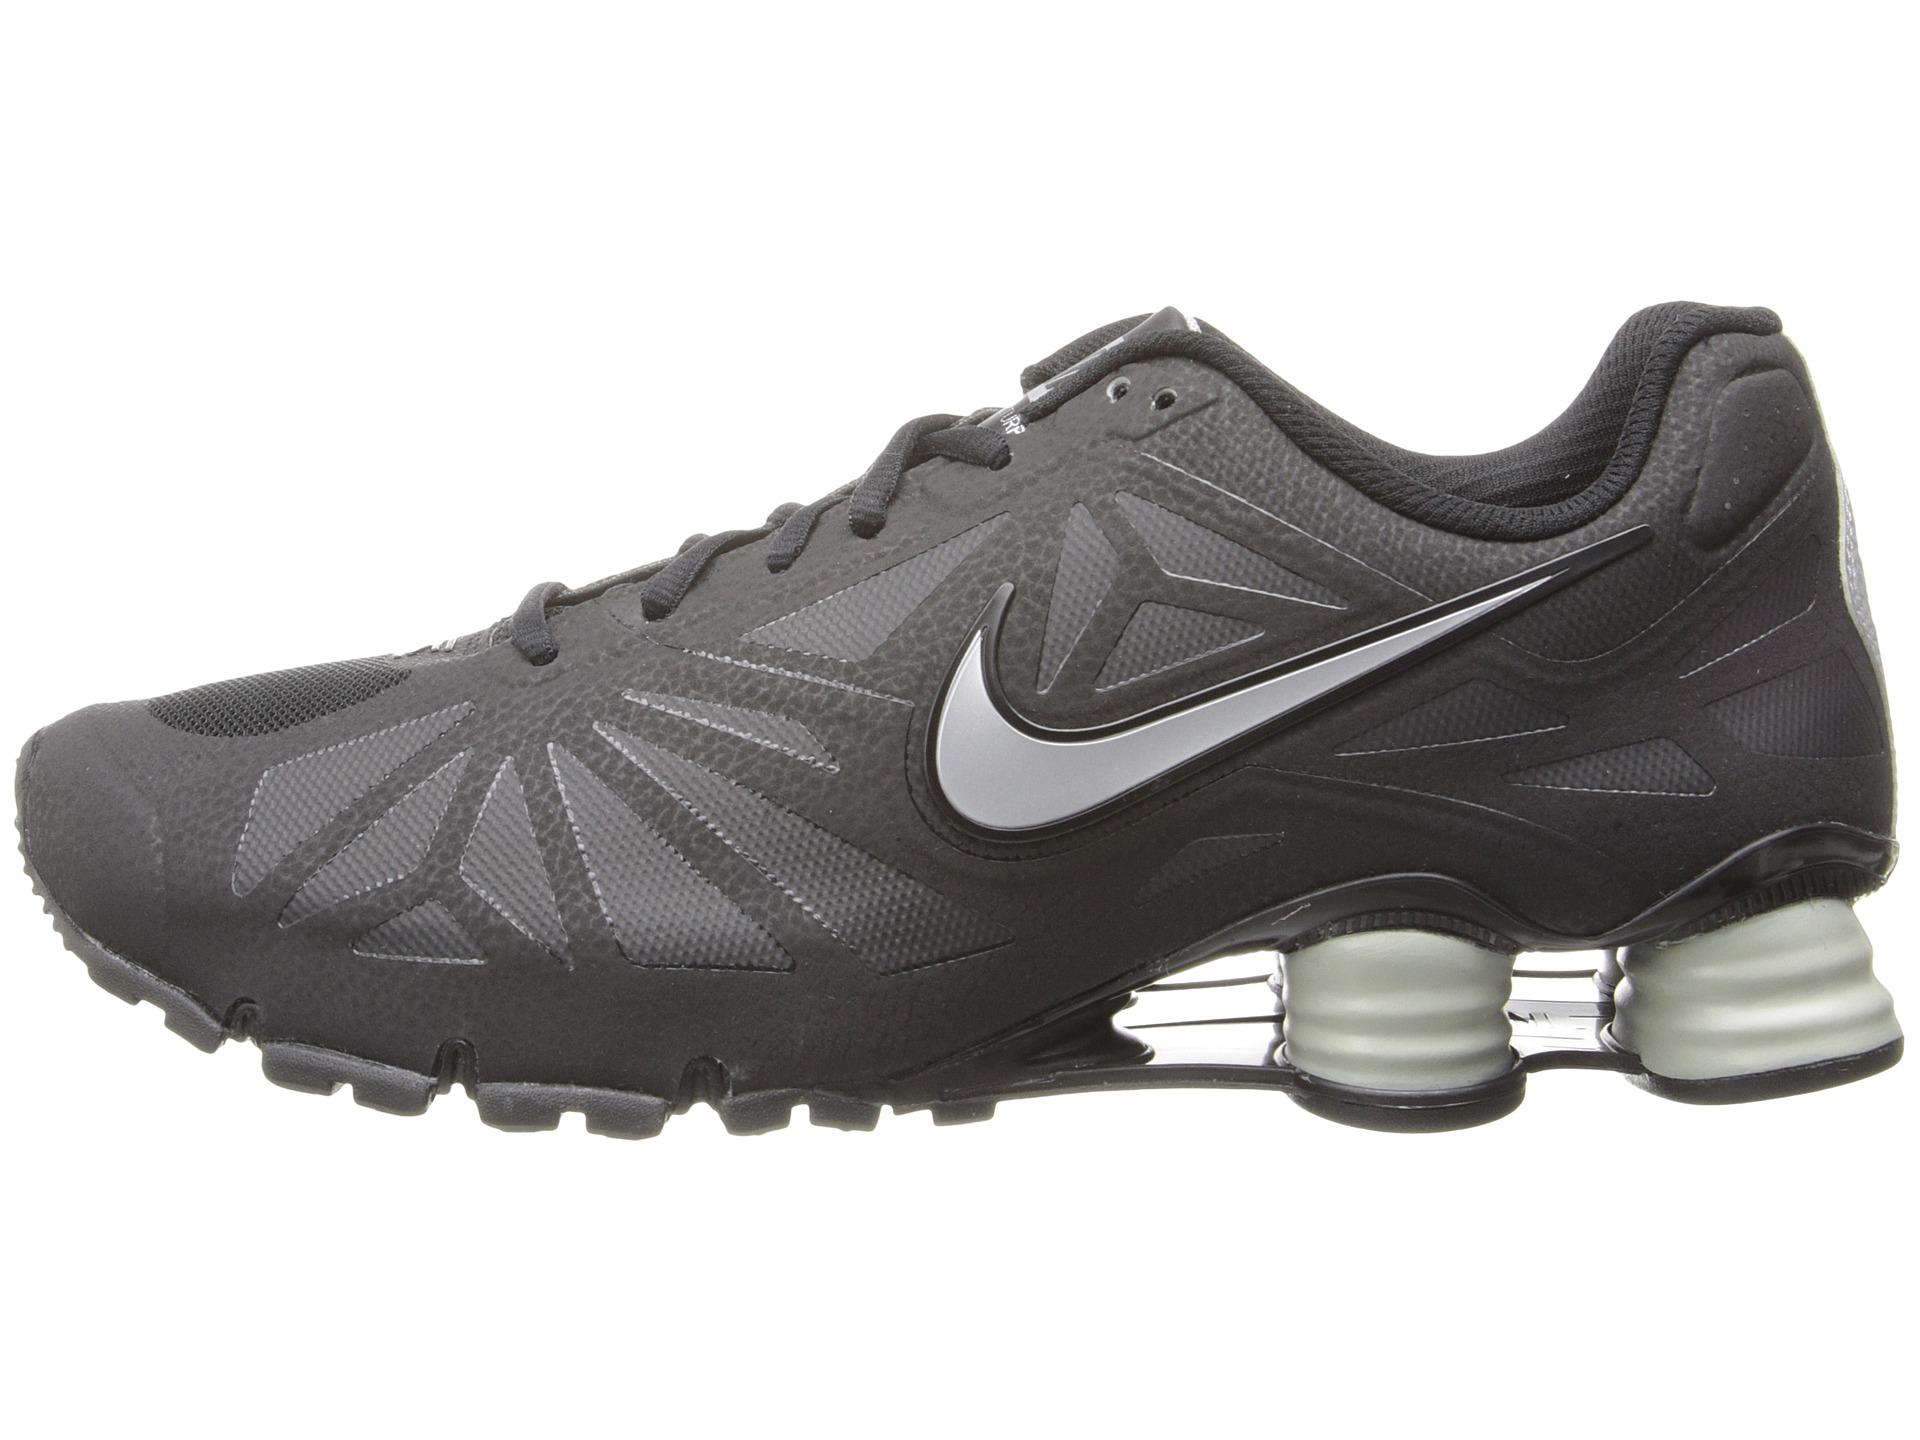 6311a5ed7378a8 Nike Shox For Men In Wide Jordan Bin AAA